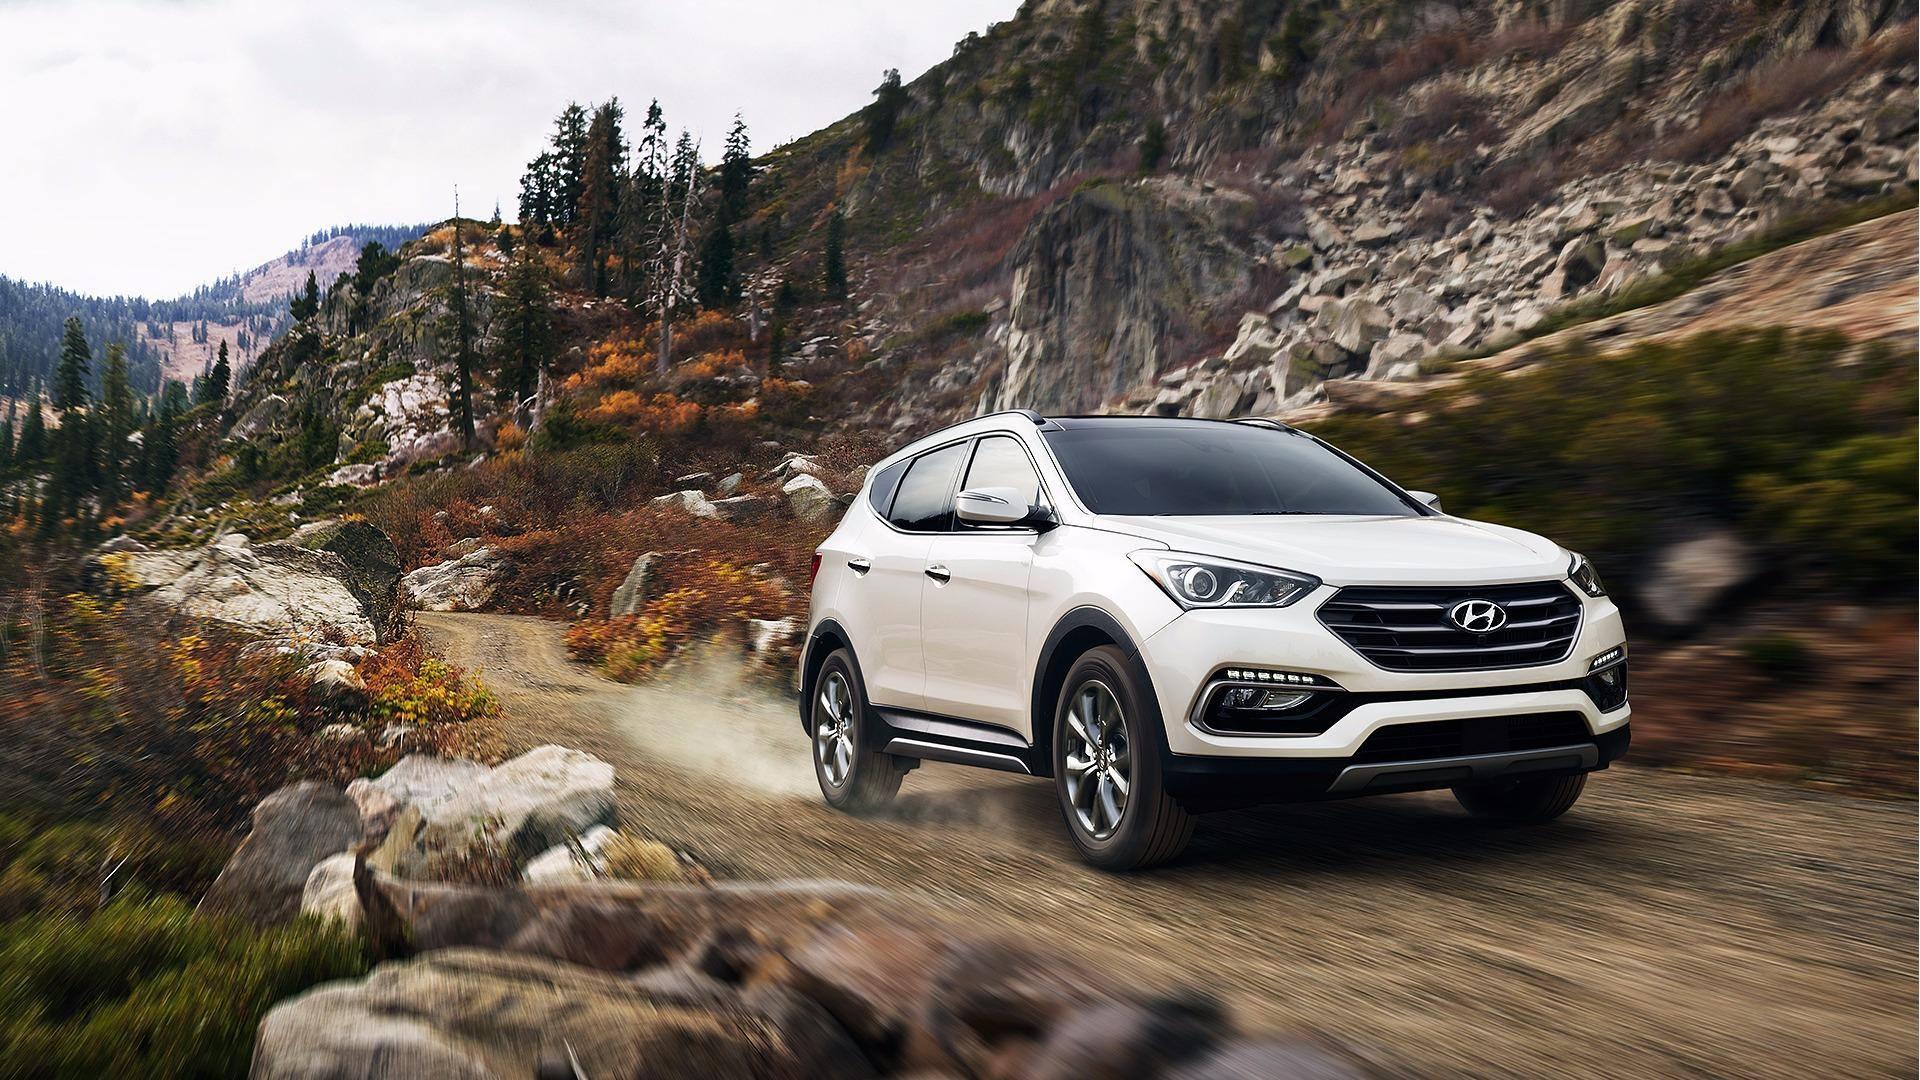 Xe VinFast, Toyota, Hyundai giảm cả trăm triệu đồng khi lệ phí trước bạ được điều chỉnh - Ảnh 3.